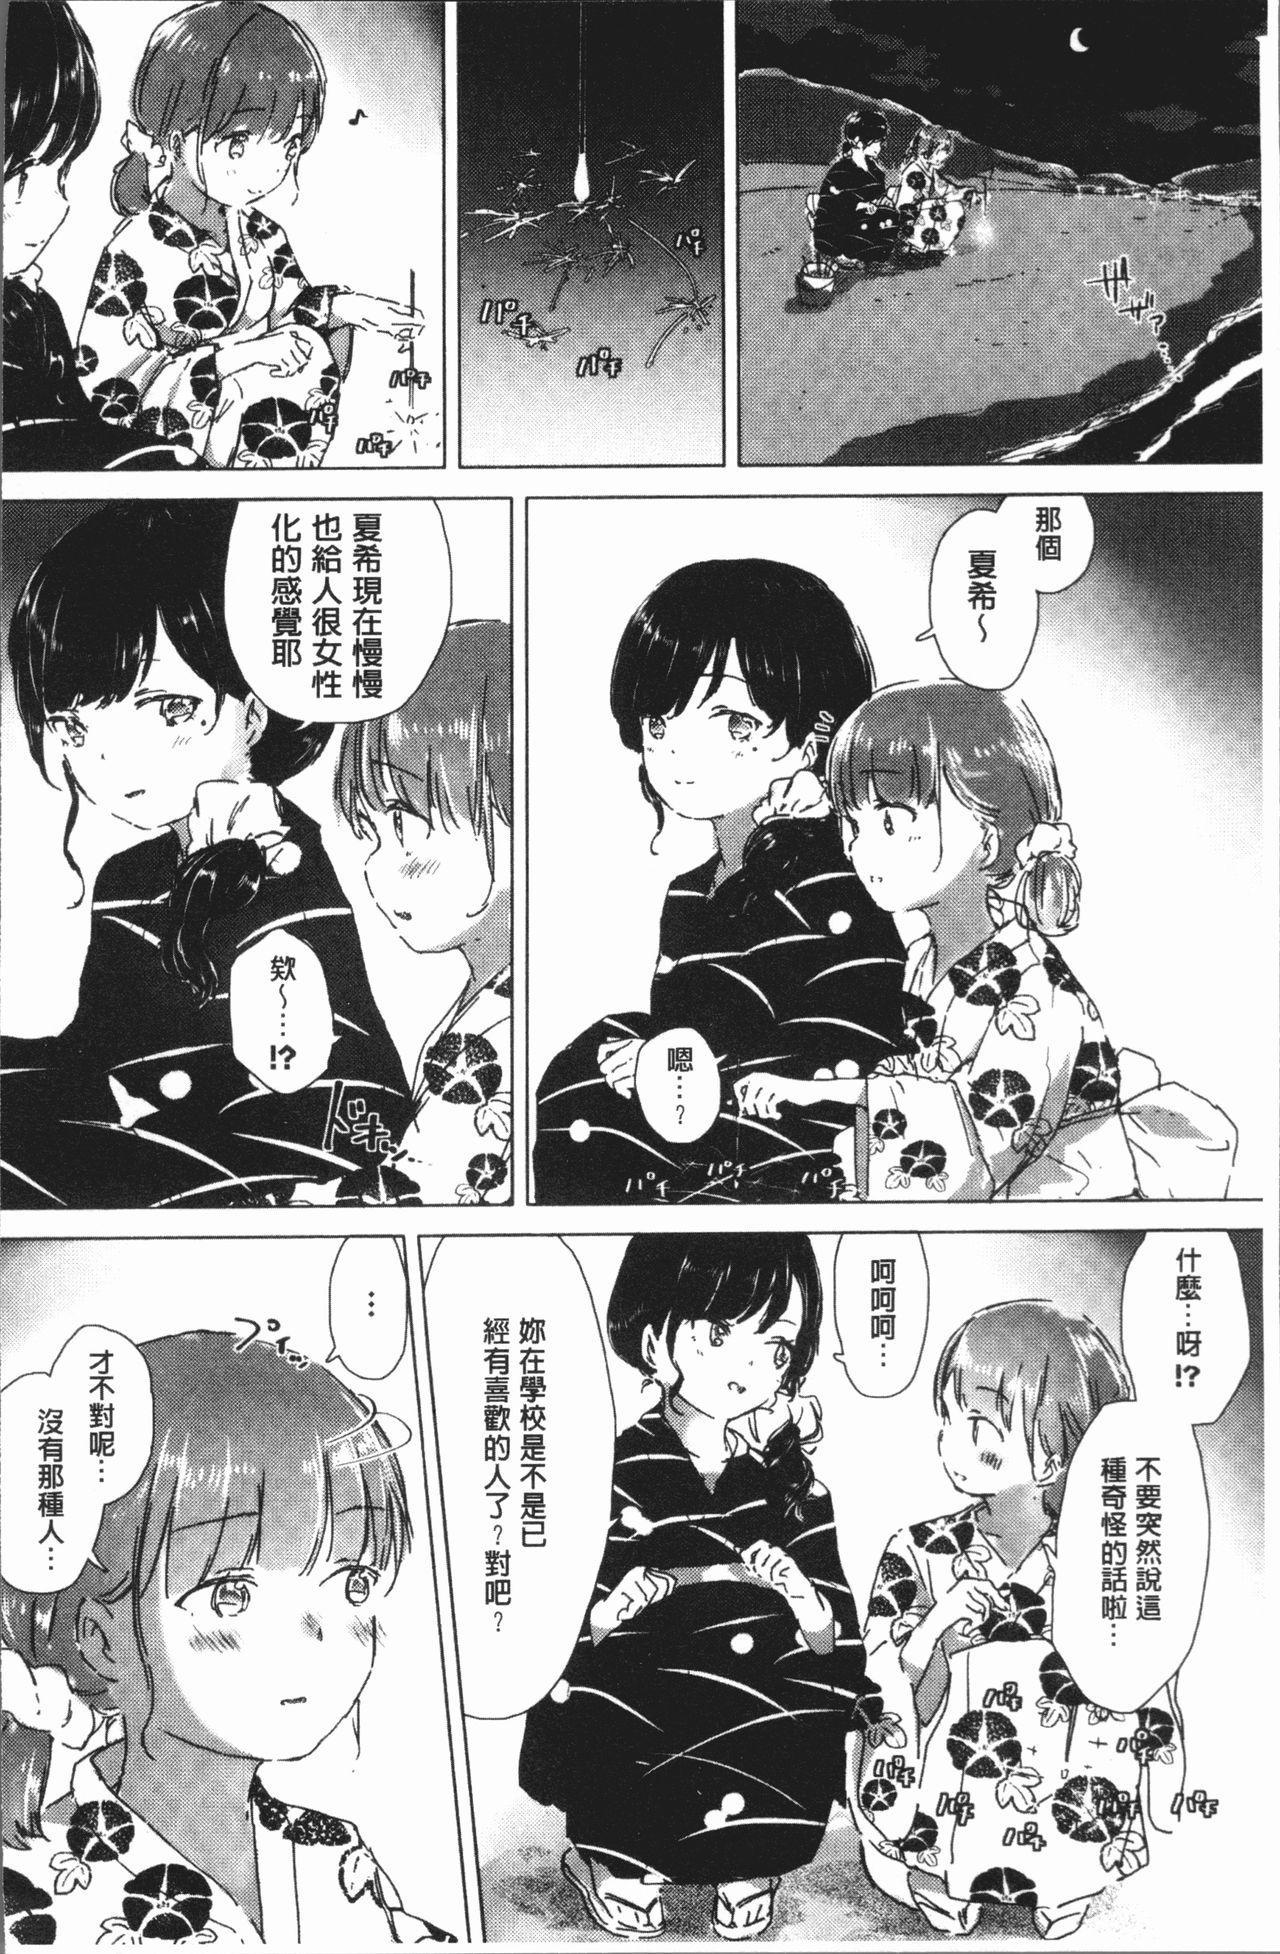 Yuri no Tsubomi ga Saku Koro ni 13